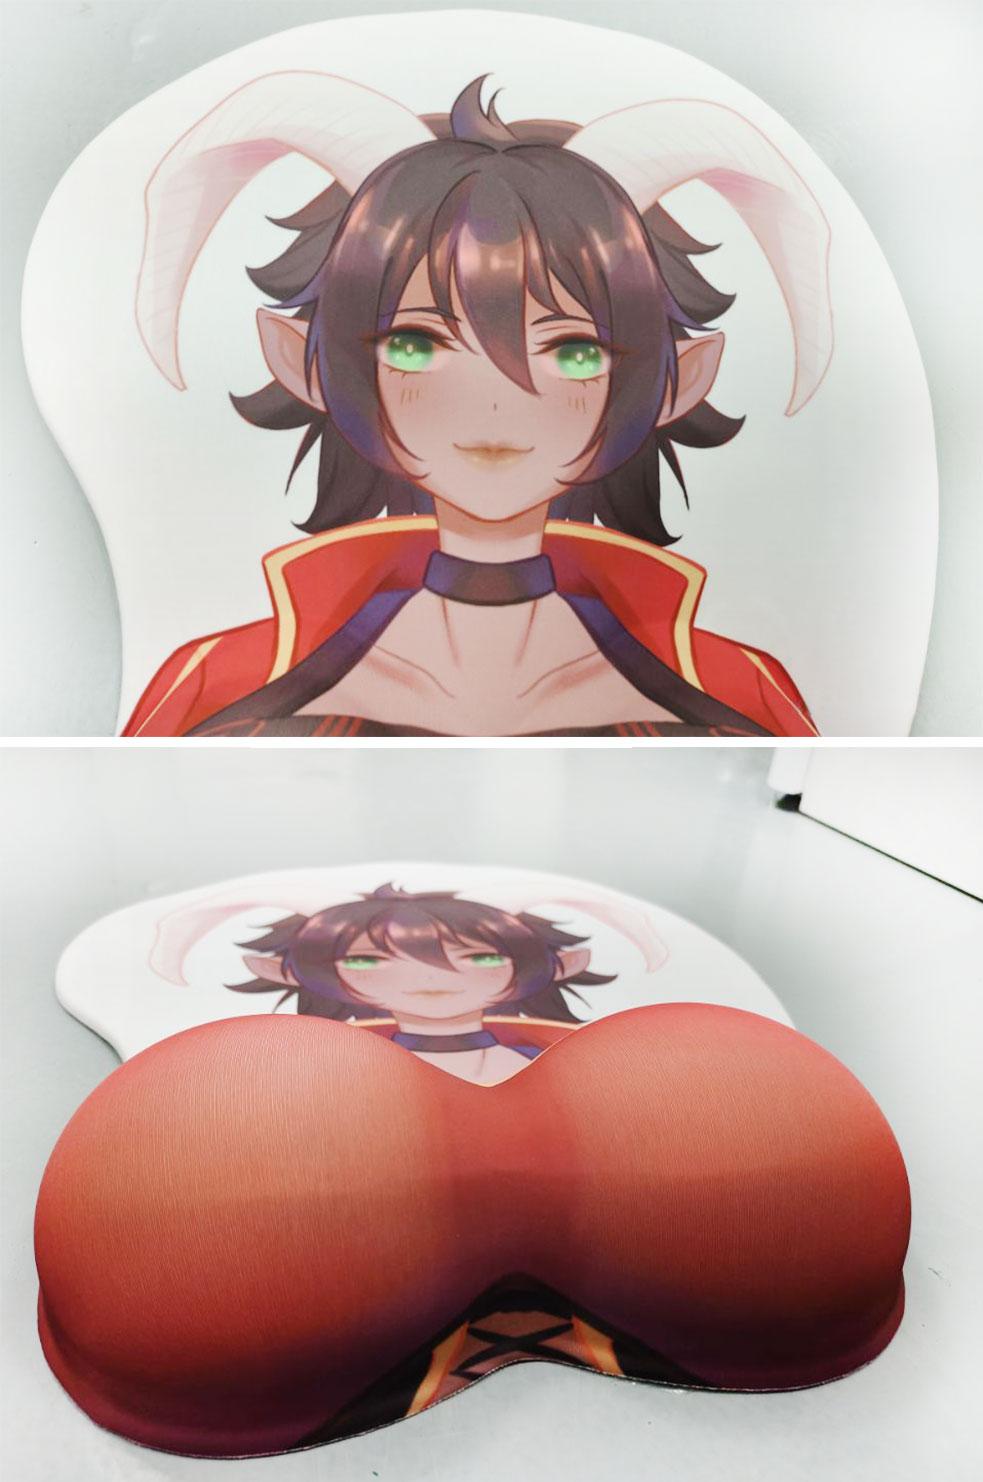 dva life size butt mouse pad dva giant butt mouse pad 3439 - Anime Mousepads